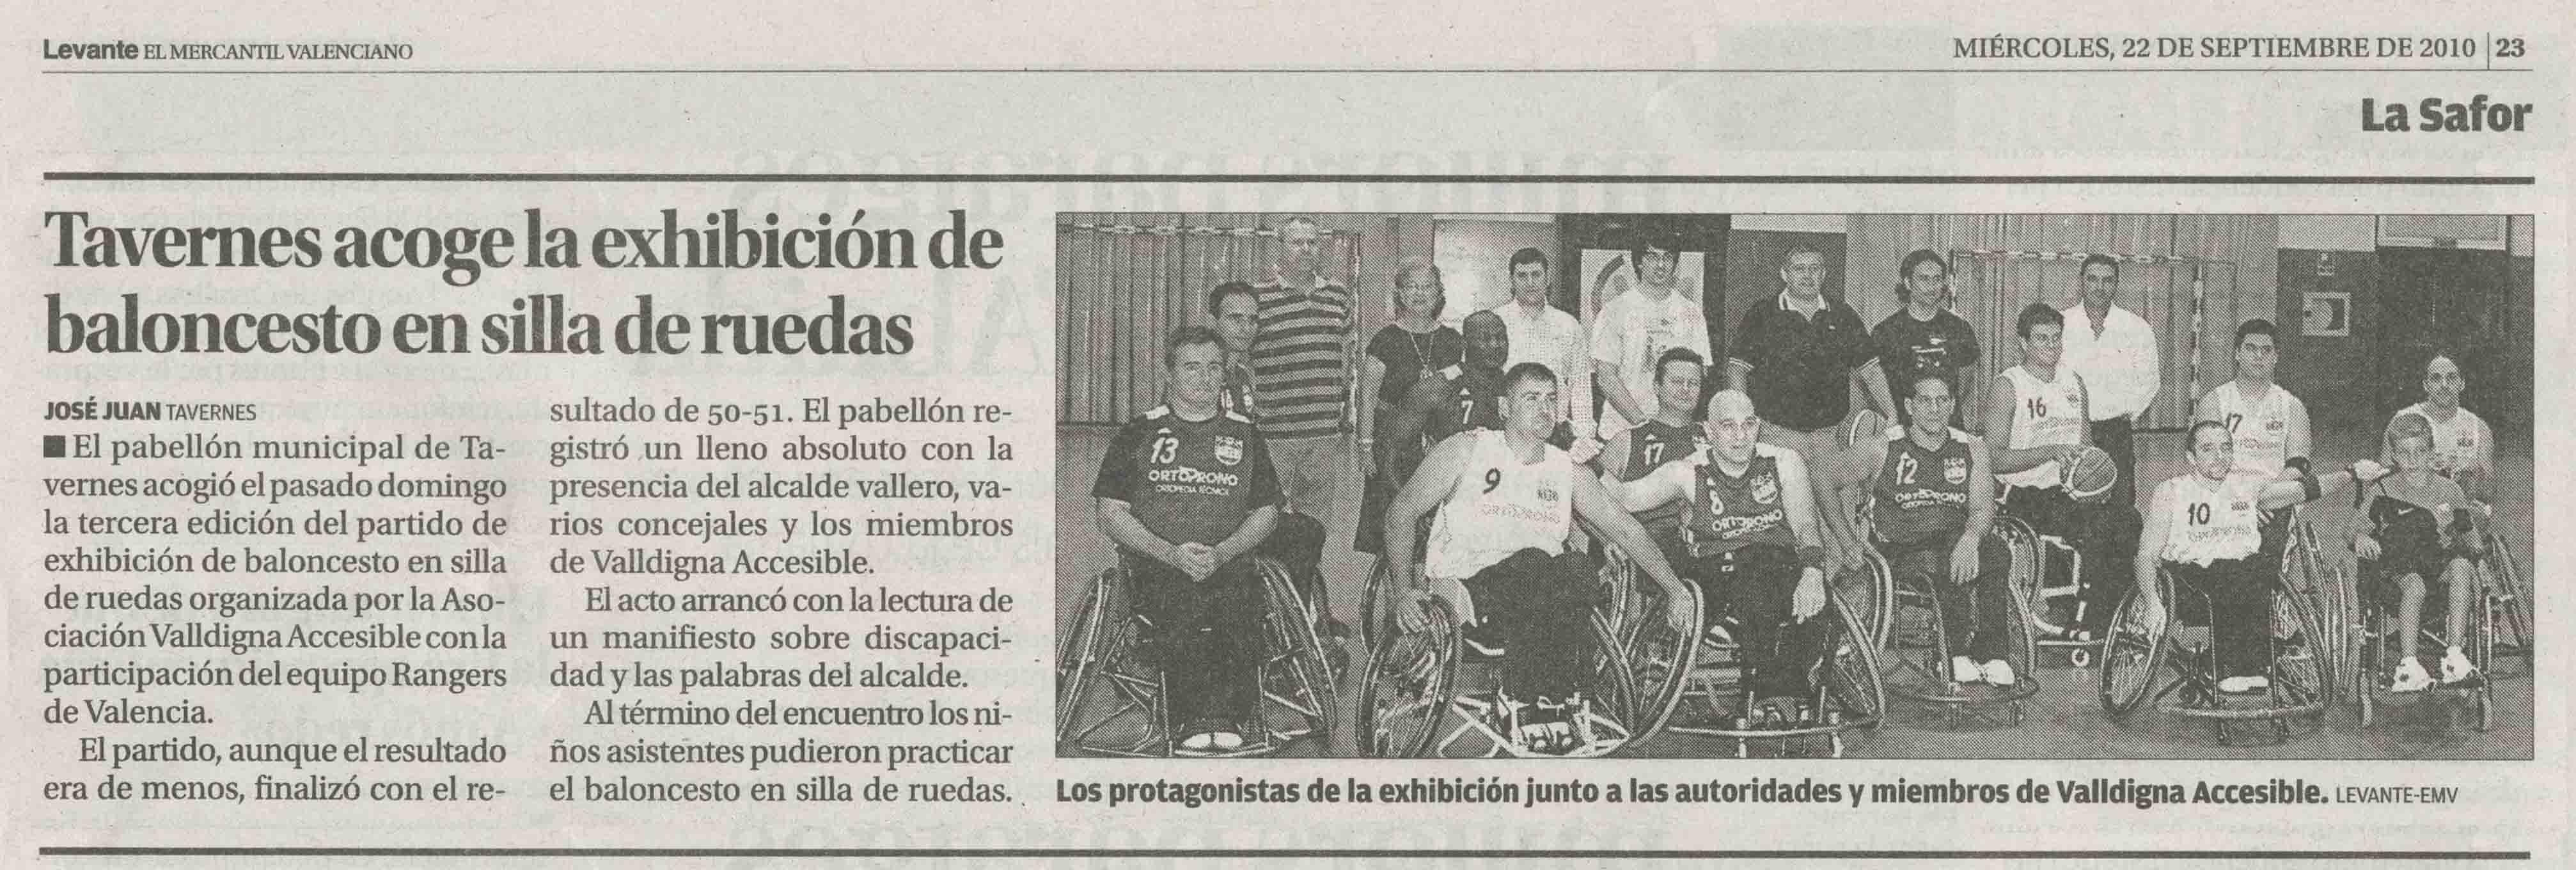 100922_levante_tavernes_exhibicion_baloncesto_silla_ruedas.jpg